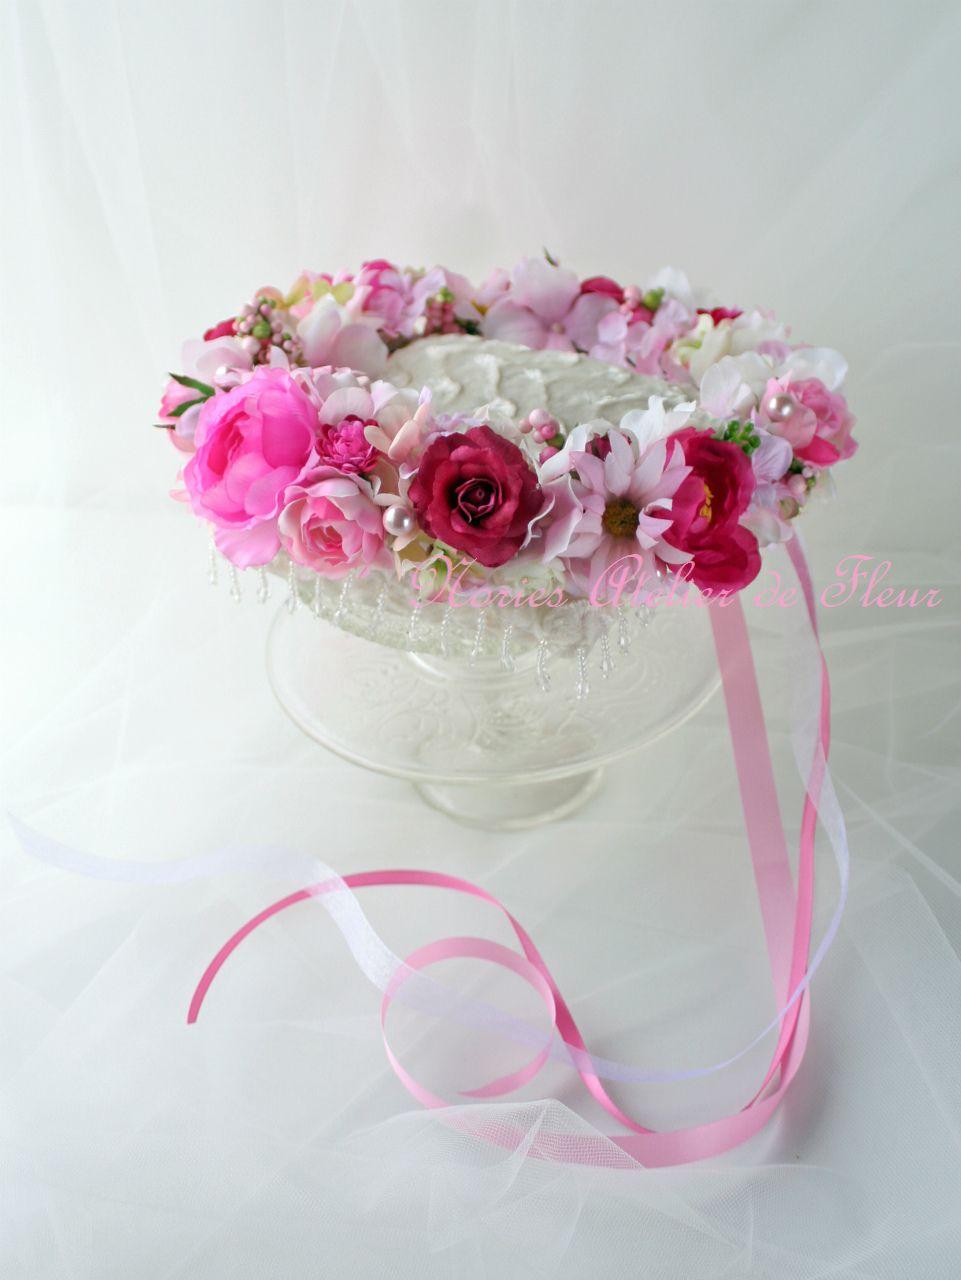 Fiona フィオナ 赤、ピンク系のアーティフィシャルフラワーを使った花かんむり